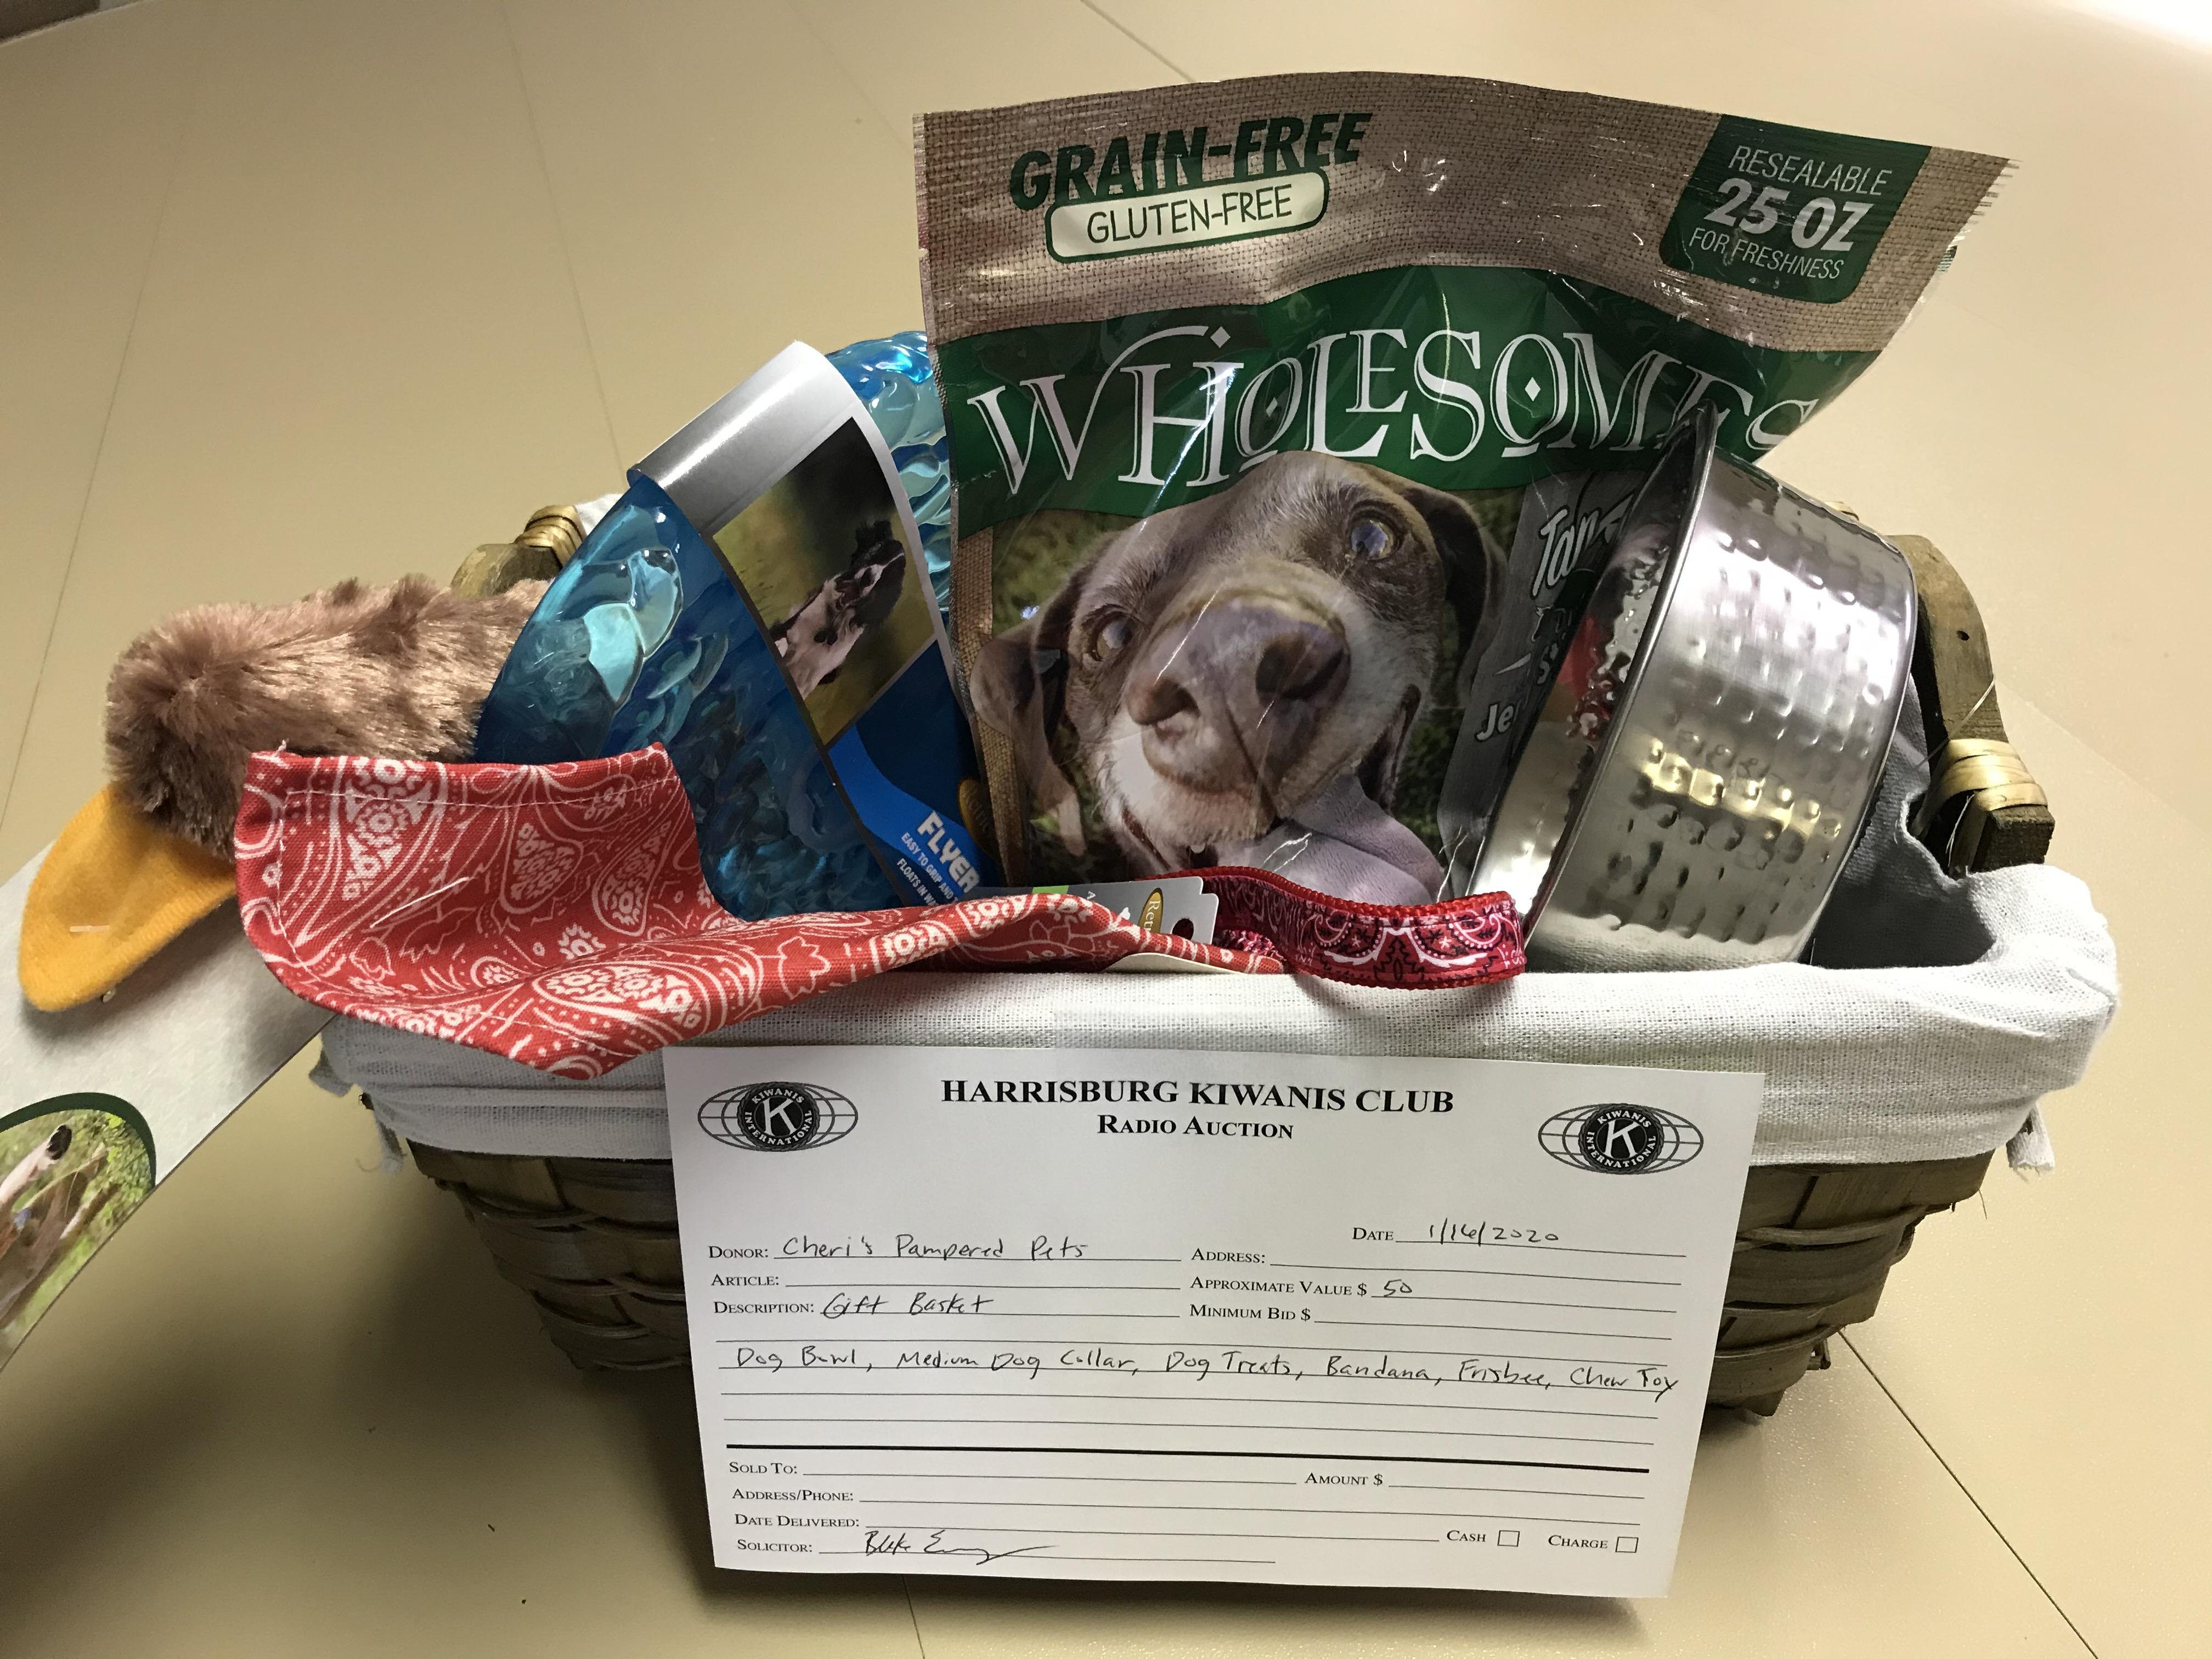 Item 421 - Cheri's Pampered Pets Dog Gift Basket